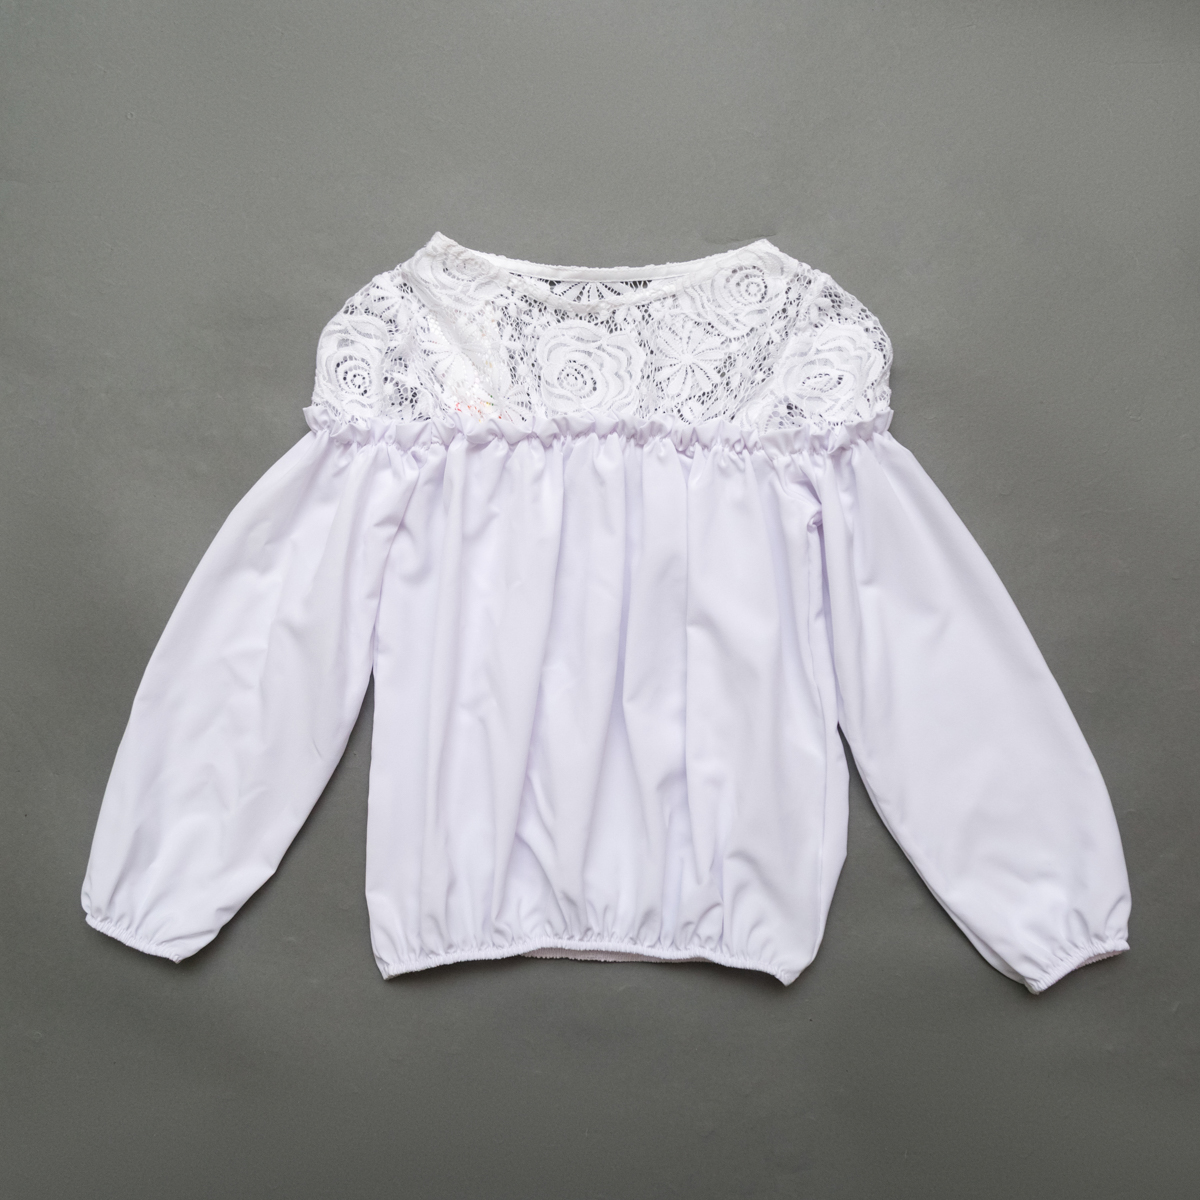 Блузка SmileTime длинный рукав Susie с гипюром, белый